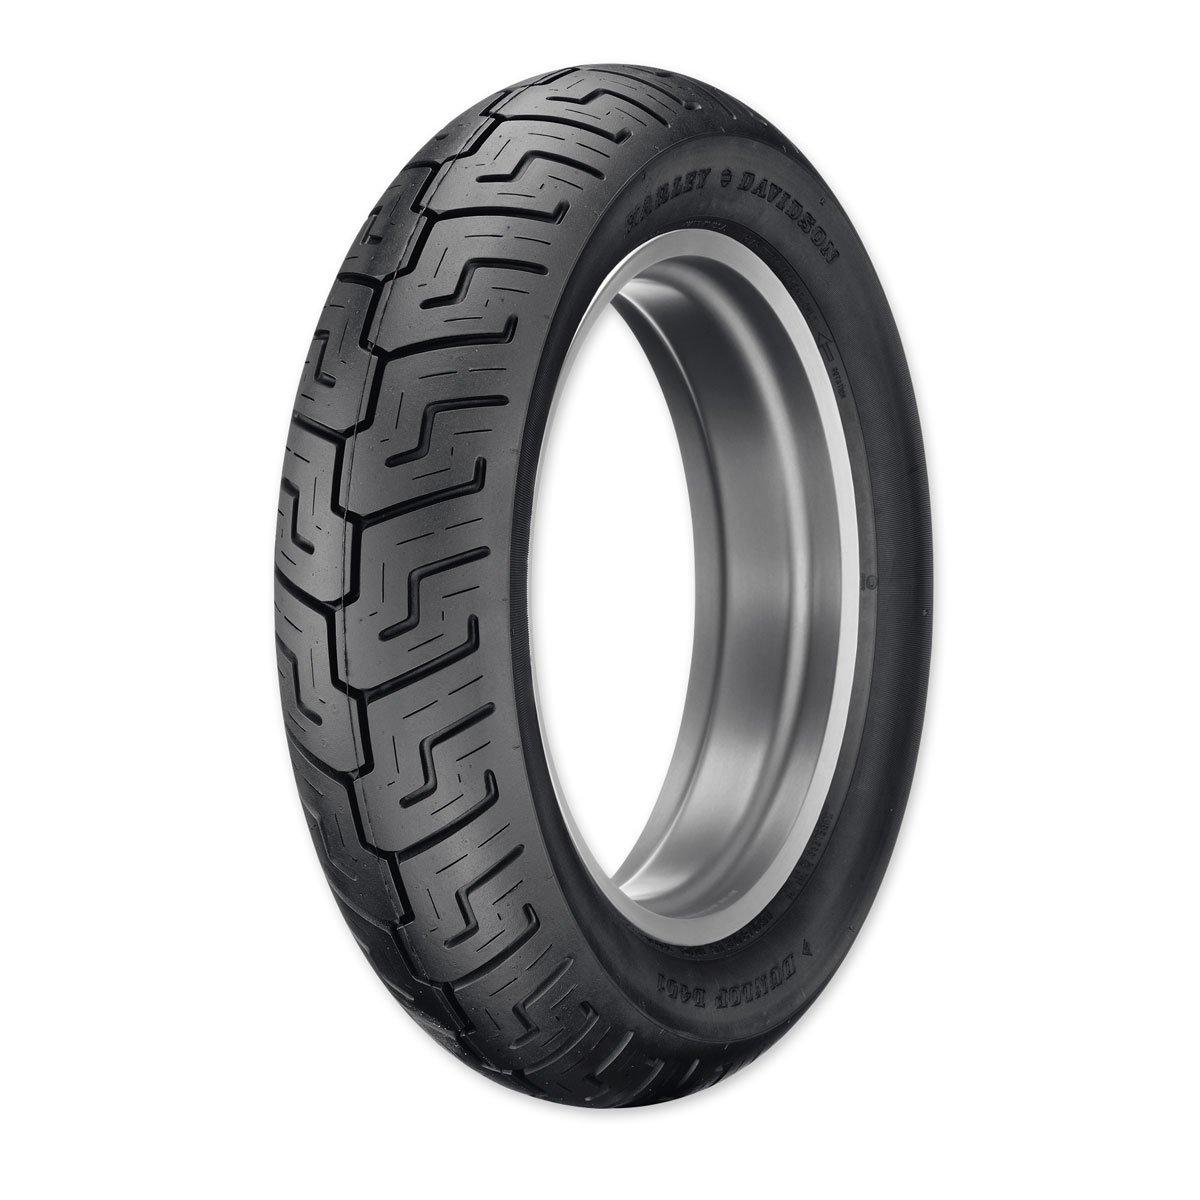 Dunlop D401 160/70B17 Rear Tire 301696